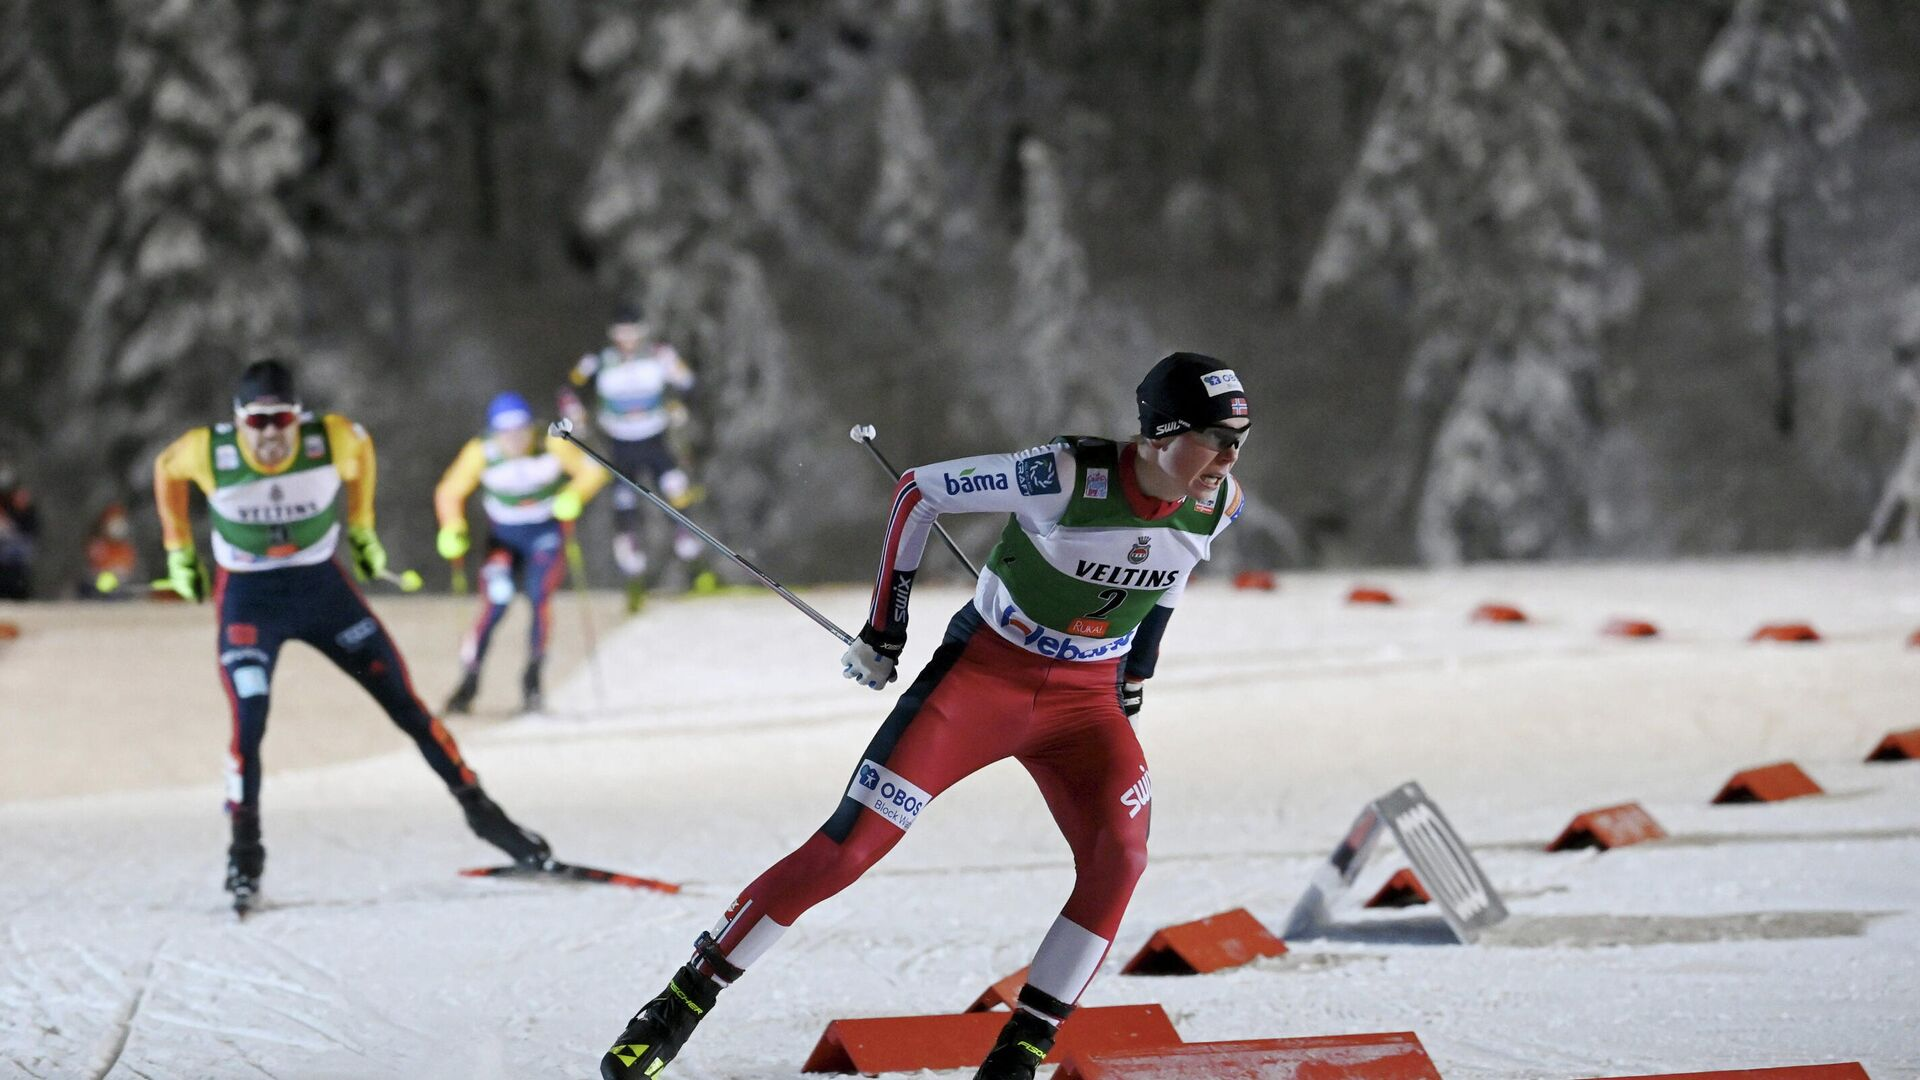 Норвежский лыжник Енс Лурос Офтебру - РИА Новости, 1920, 01.12.2020